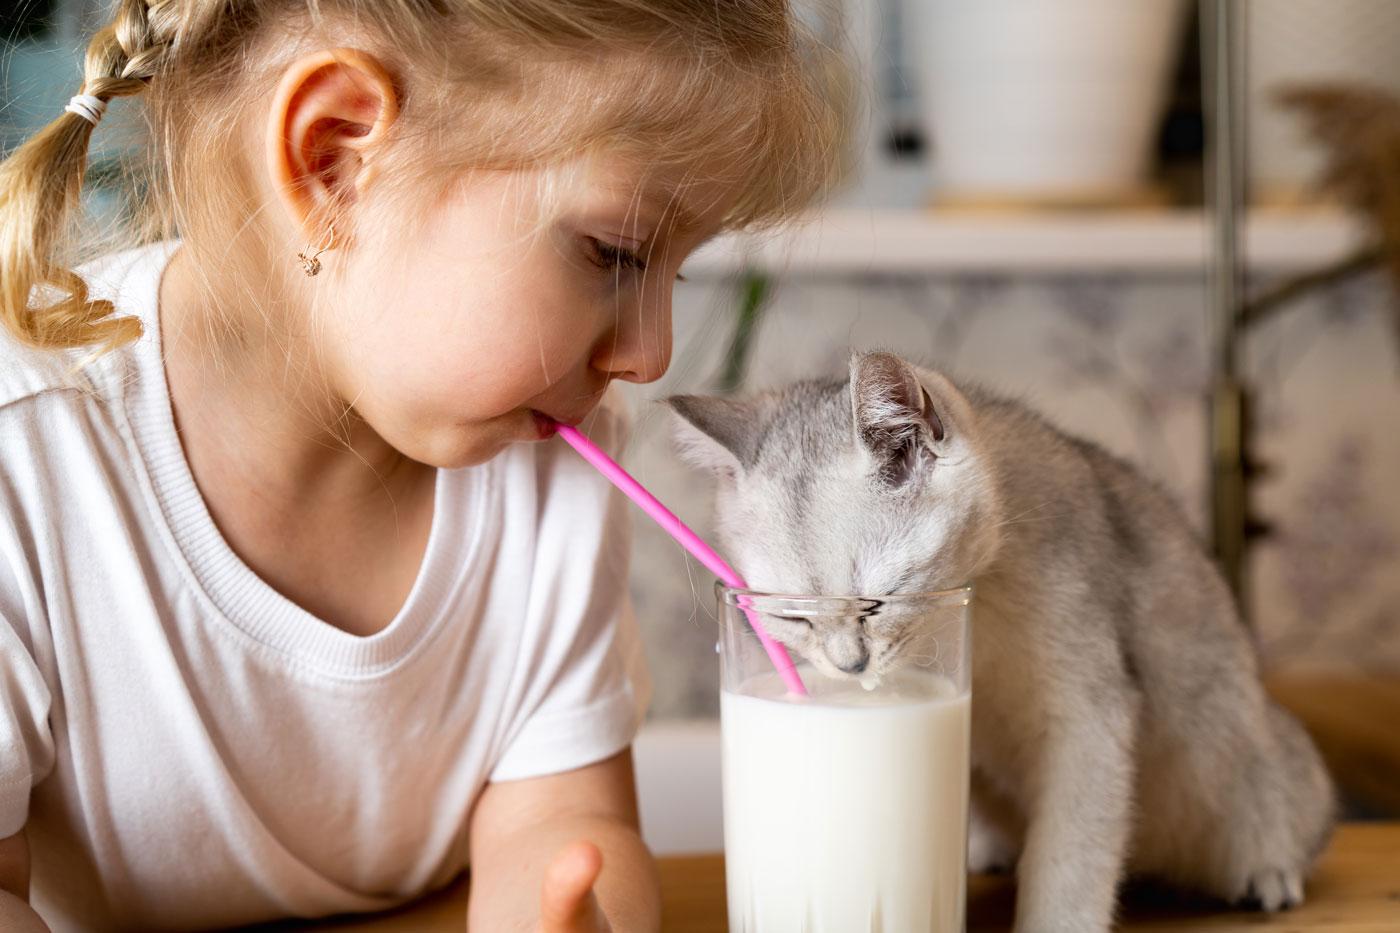 niña y gatito bebiendo leche